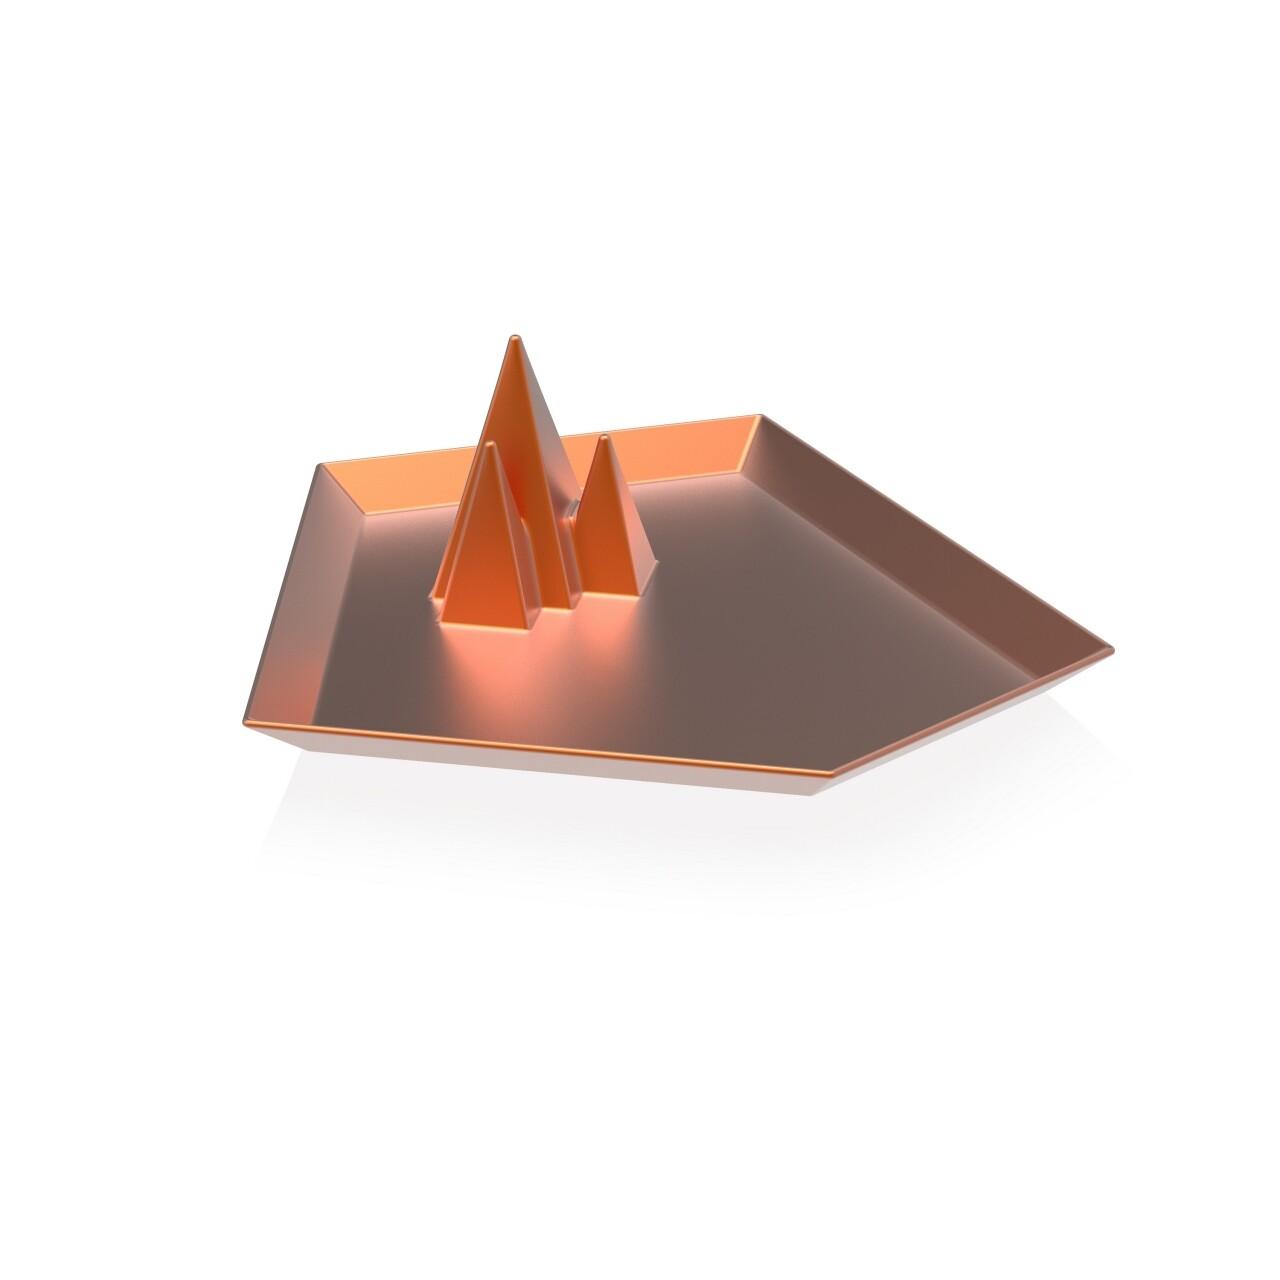 Tava decor We live like this, NPW, 6 x 15.5 x 16.5 cm, ceramica, auriu